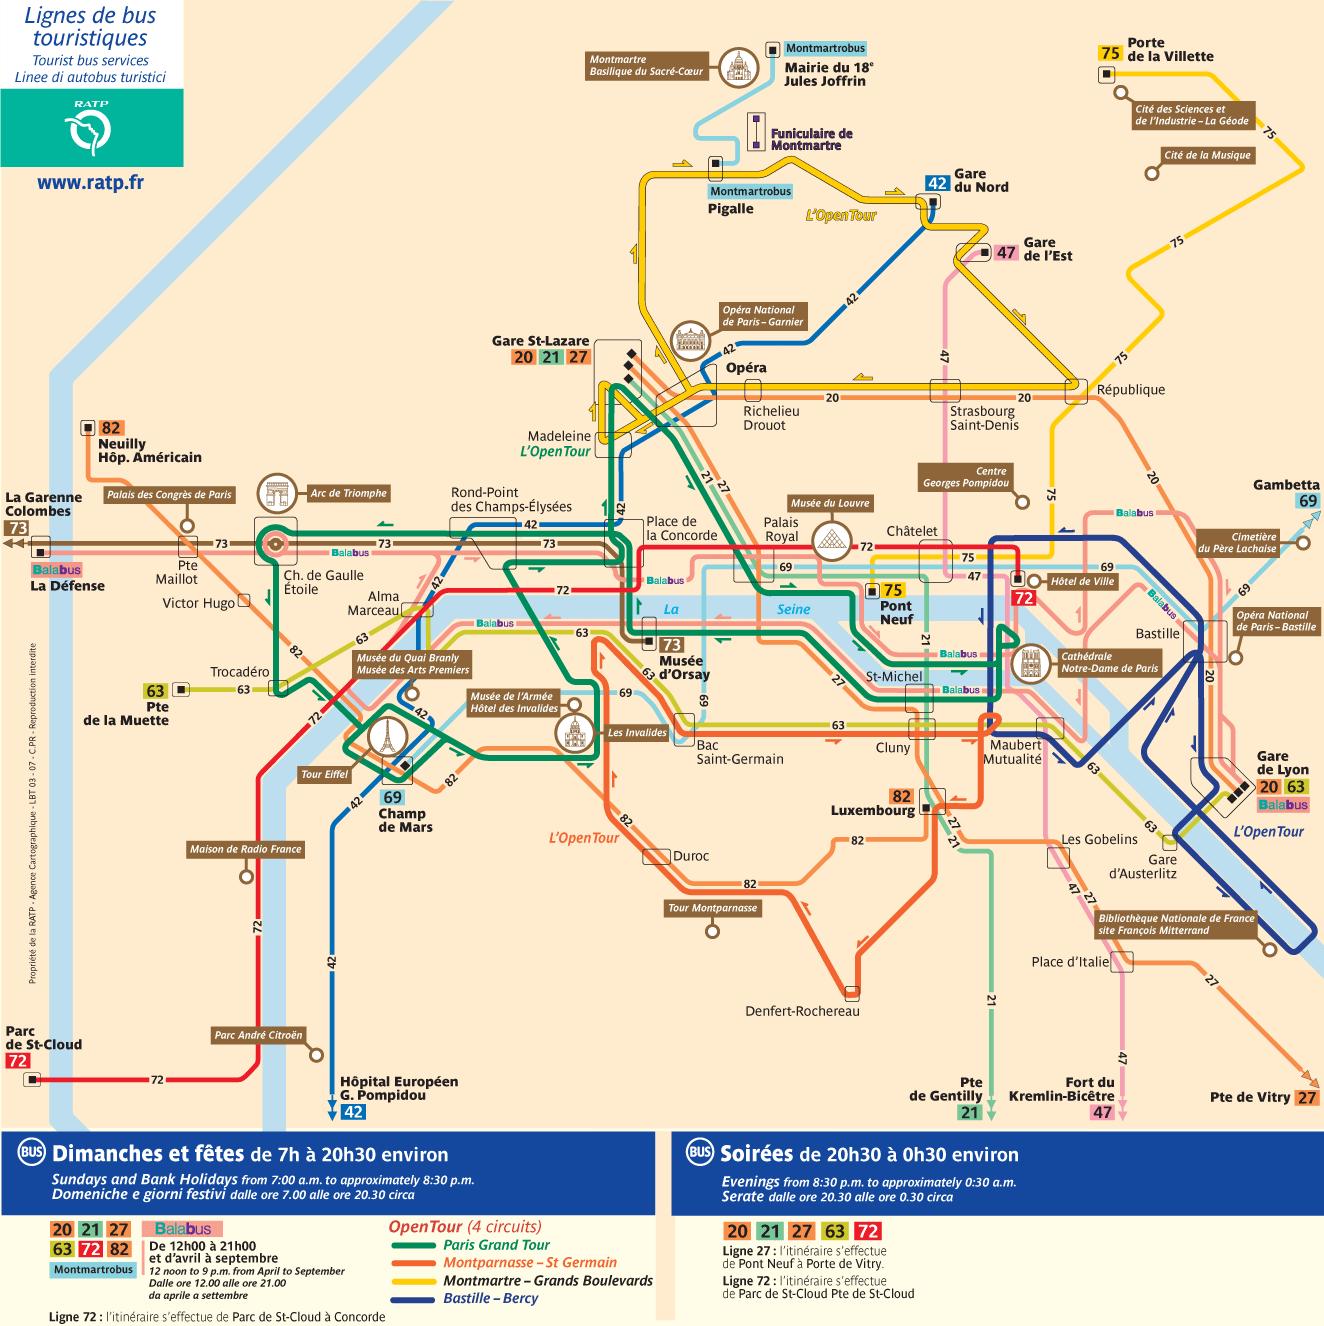 paris tourist bus map paris travel bus map paris attractions map new zone